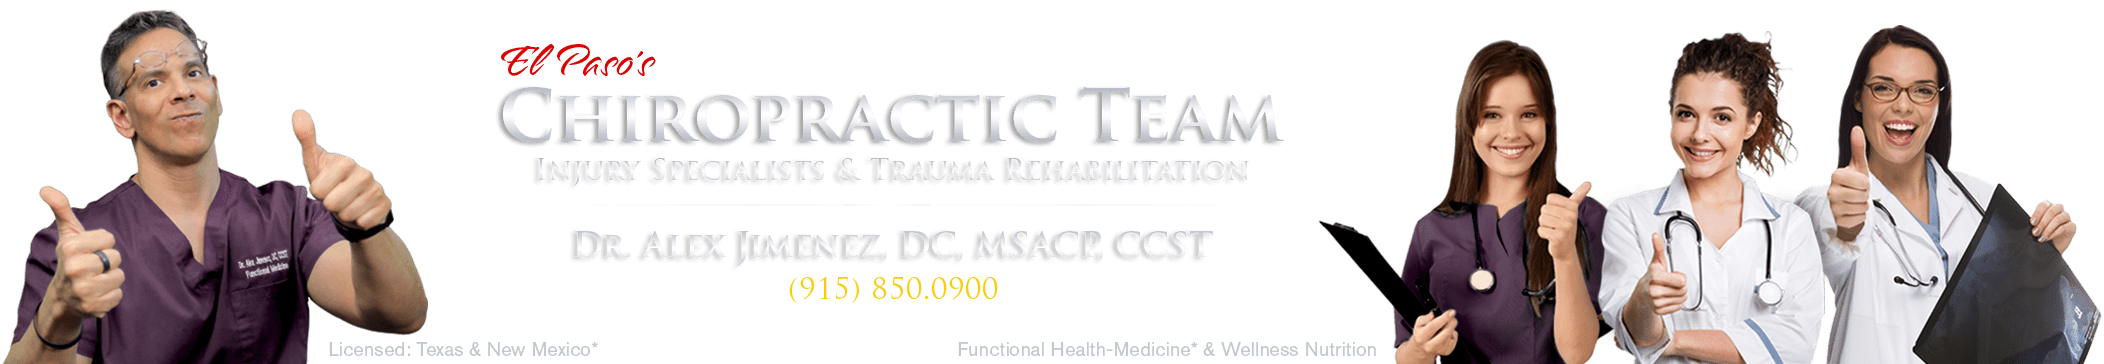 Clinika Kiropráktica Plej granda de La Paso 915-850-0900